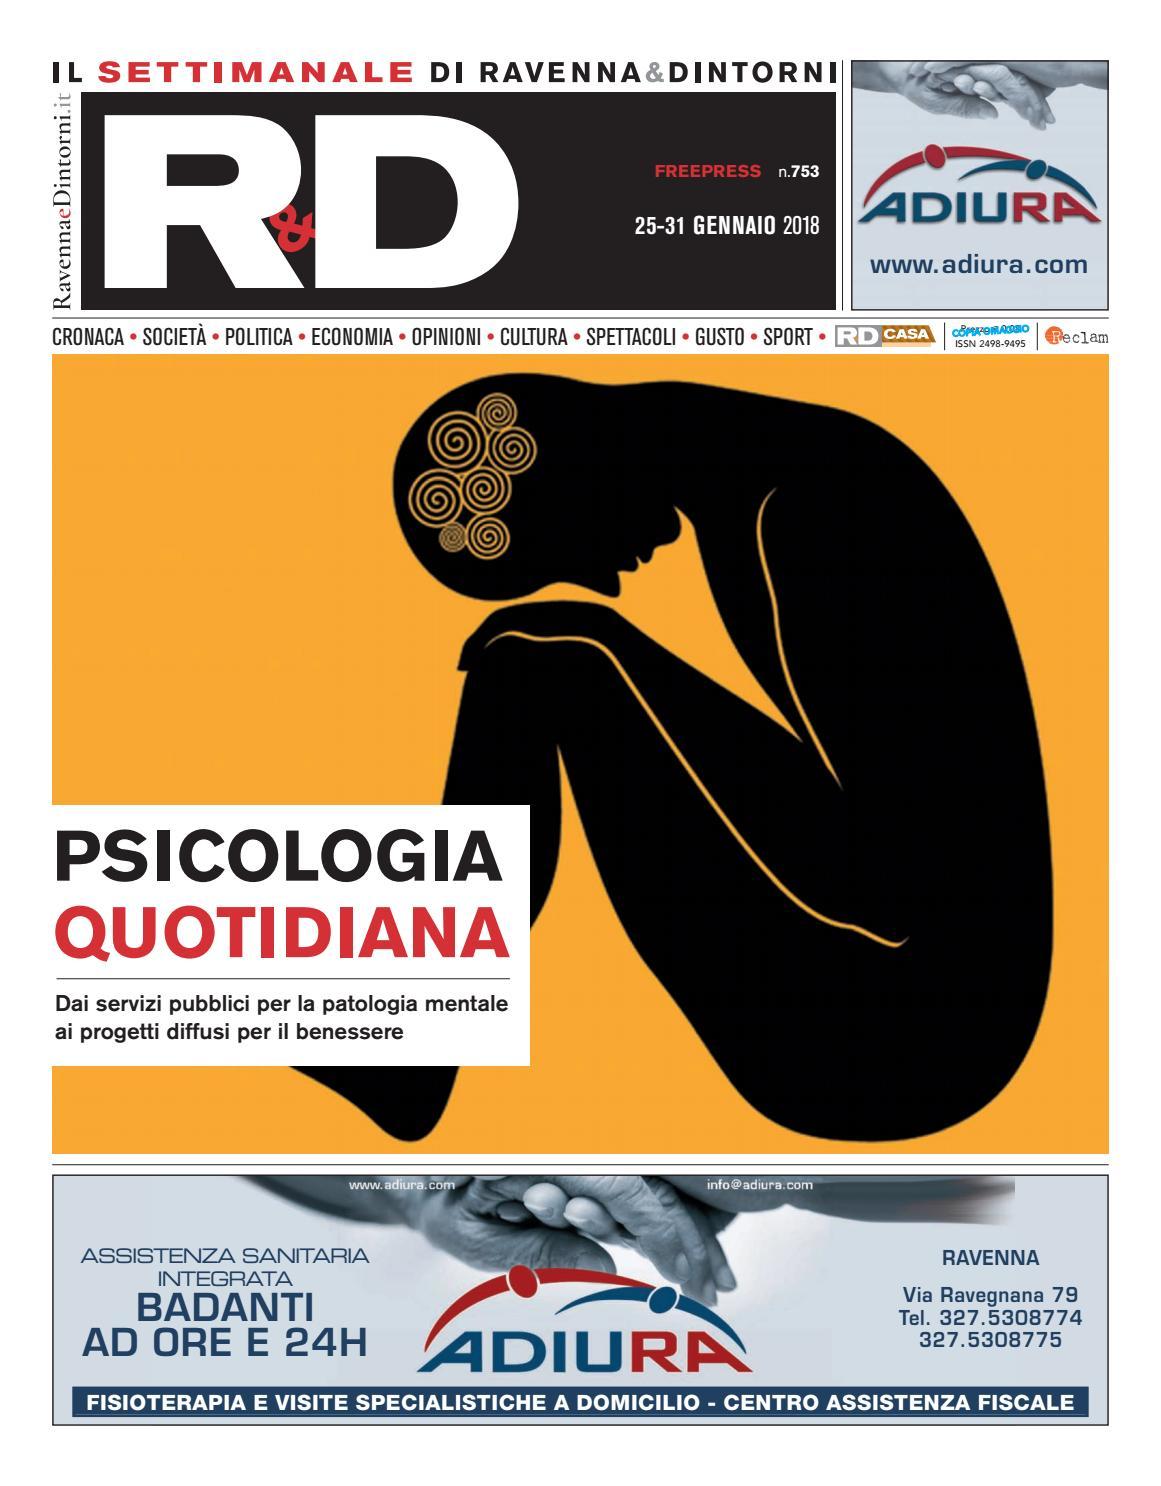 Rd 25 01 18 by Reclam Edizioni e Comunicazione - issuu e345a2630de8